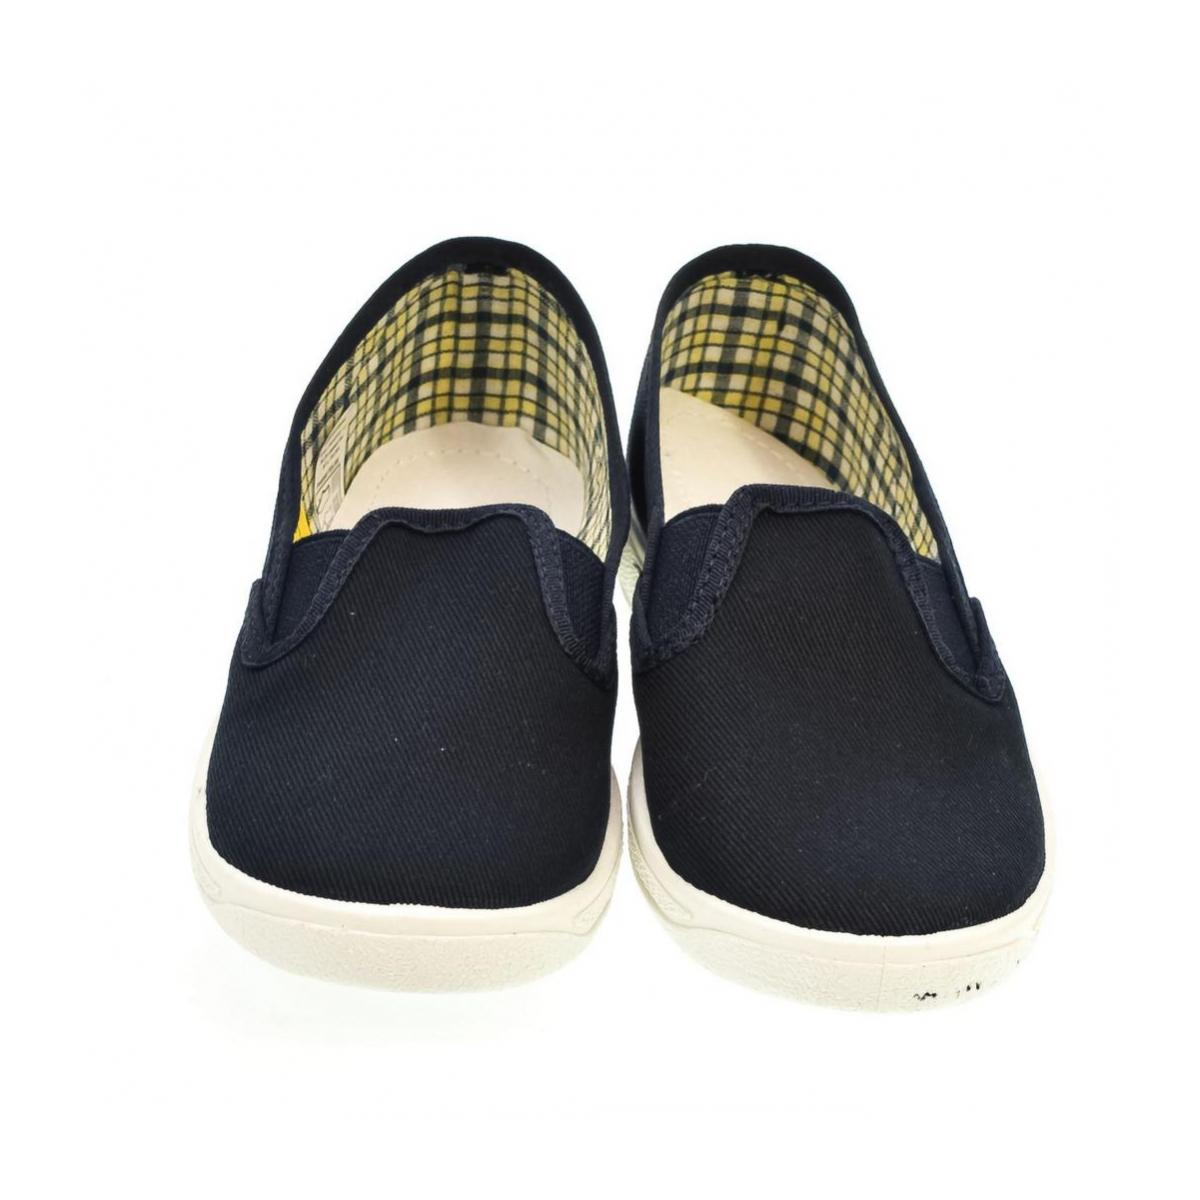 49937f7e6af27 Detské tmavomodré topánky MIKY | Johnc.sk